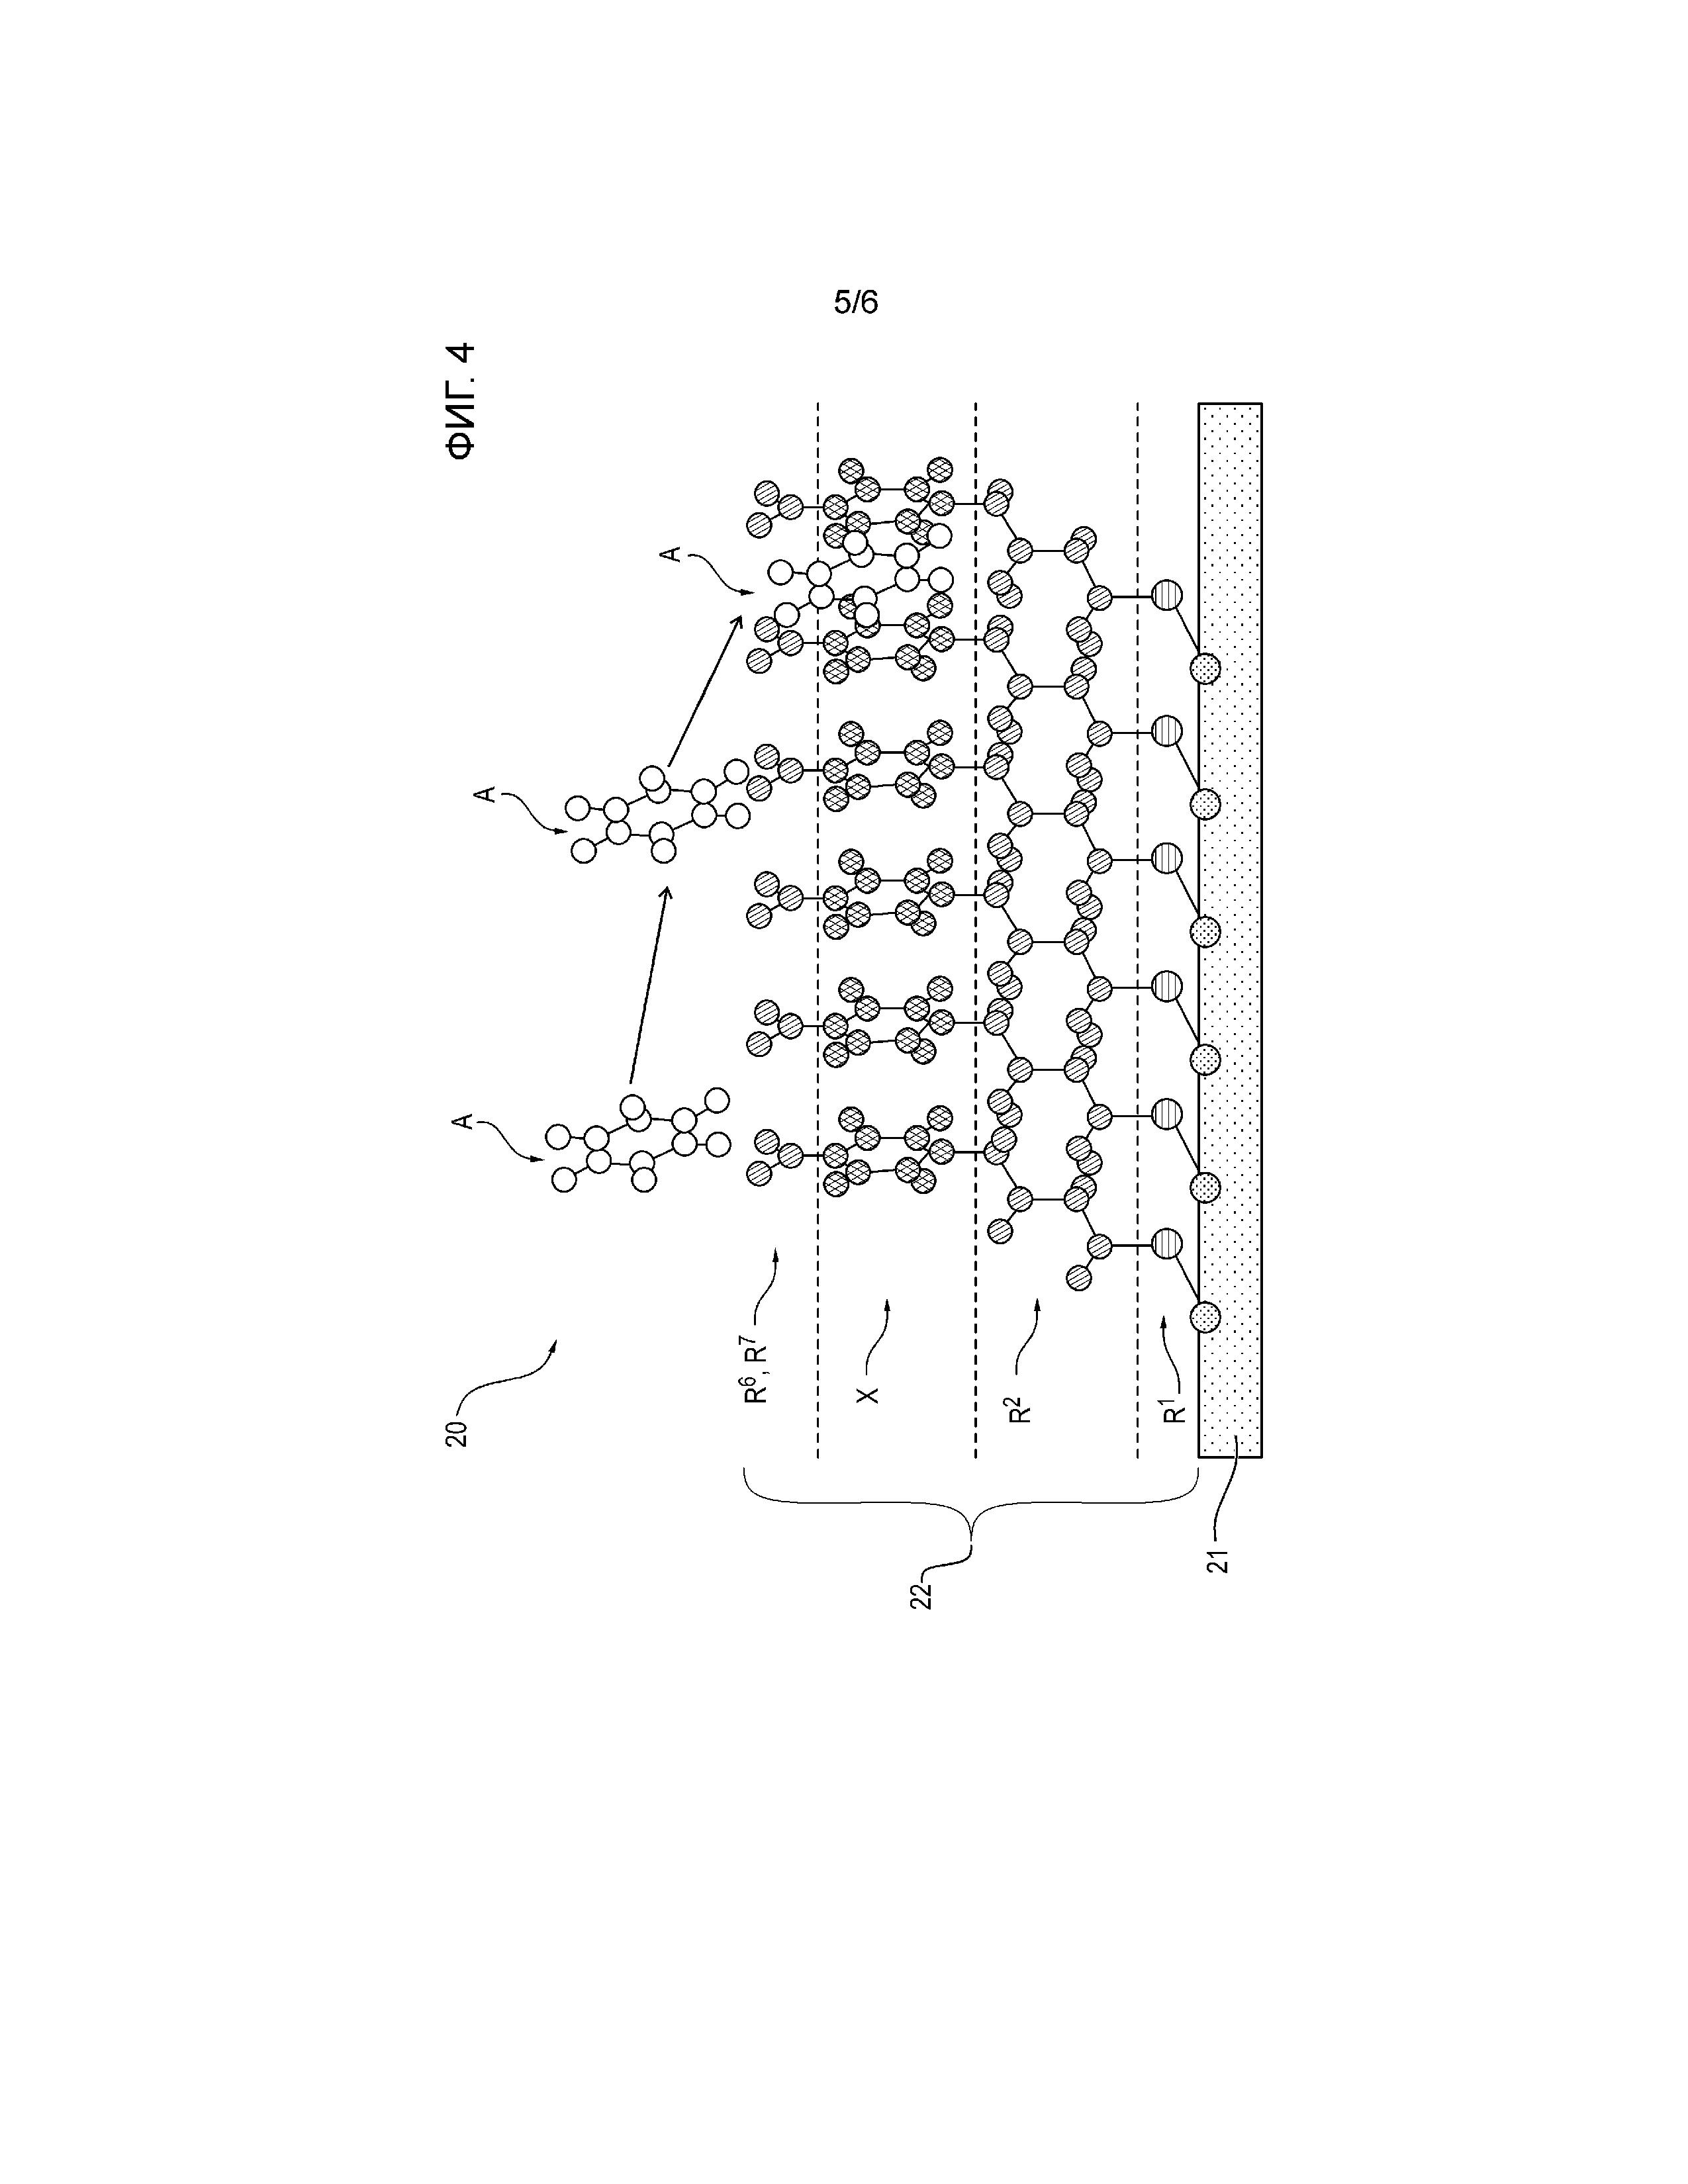 Газовый датчик и газоизмерительный прибор для обнаружения летучих органических соединений